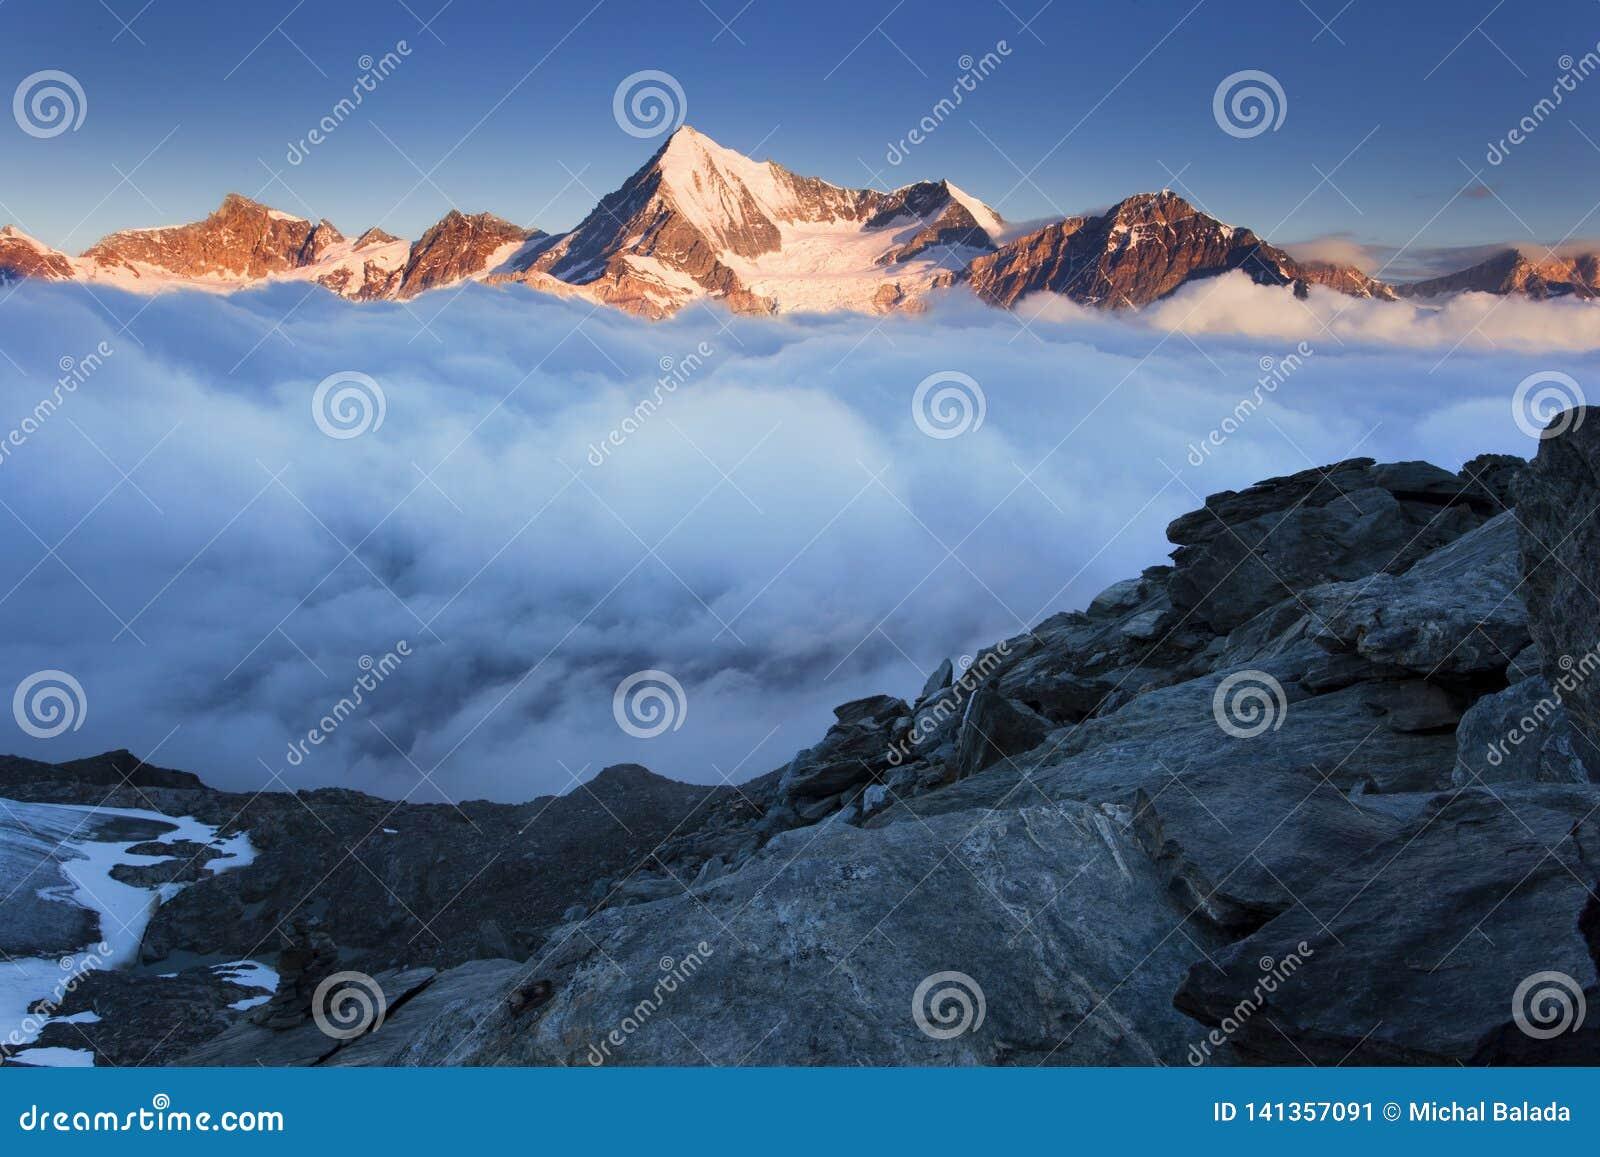 Ansicht des Schnees umfasste Landschaft mit Weisshorn-Berg in den Schweizer Alpen nahe Zermatt Panorama des Weisshorn nahe Zermat